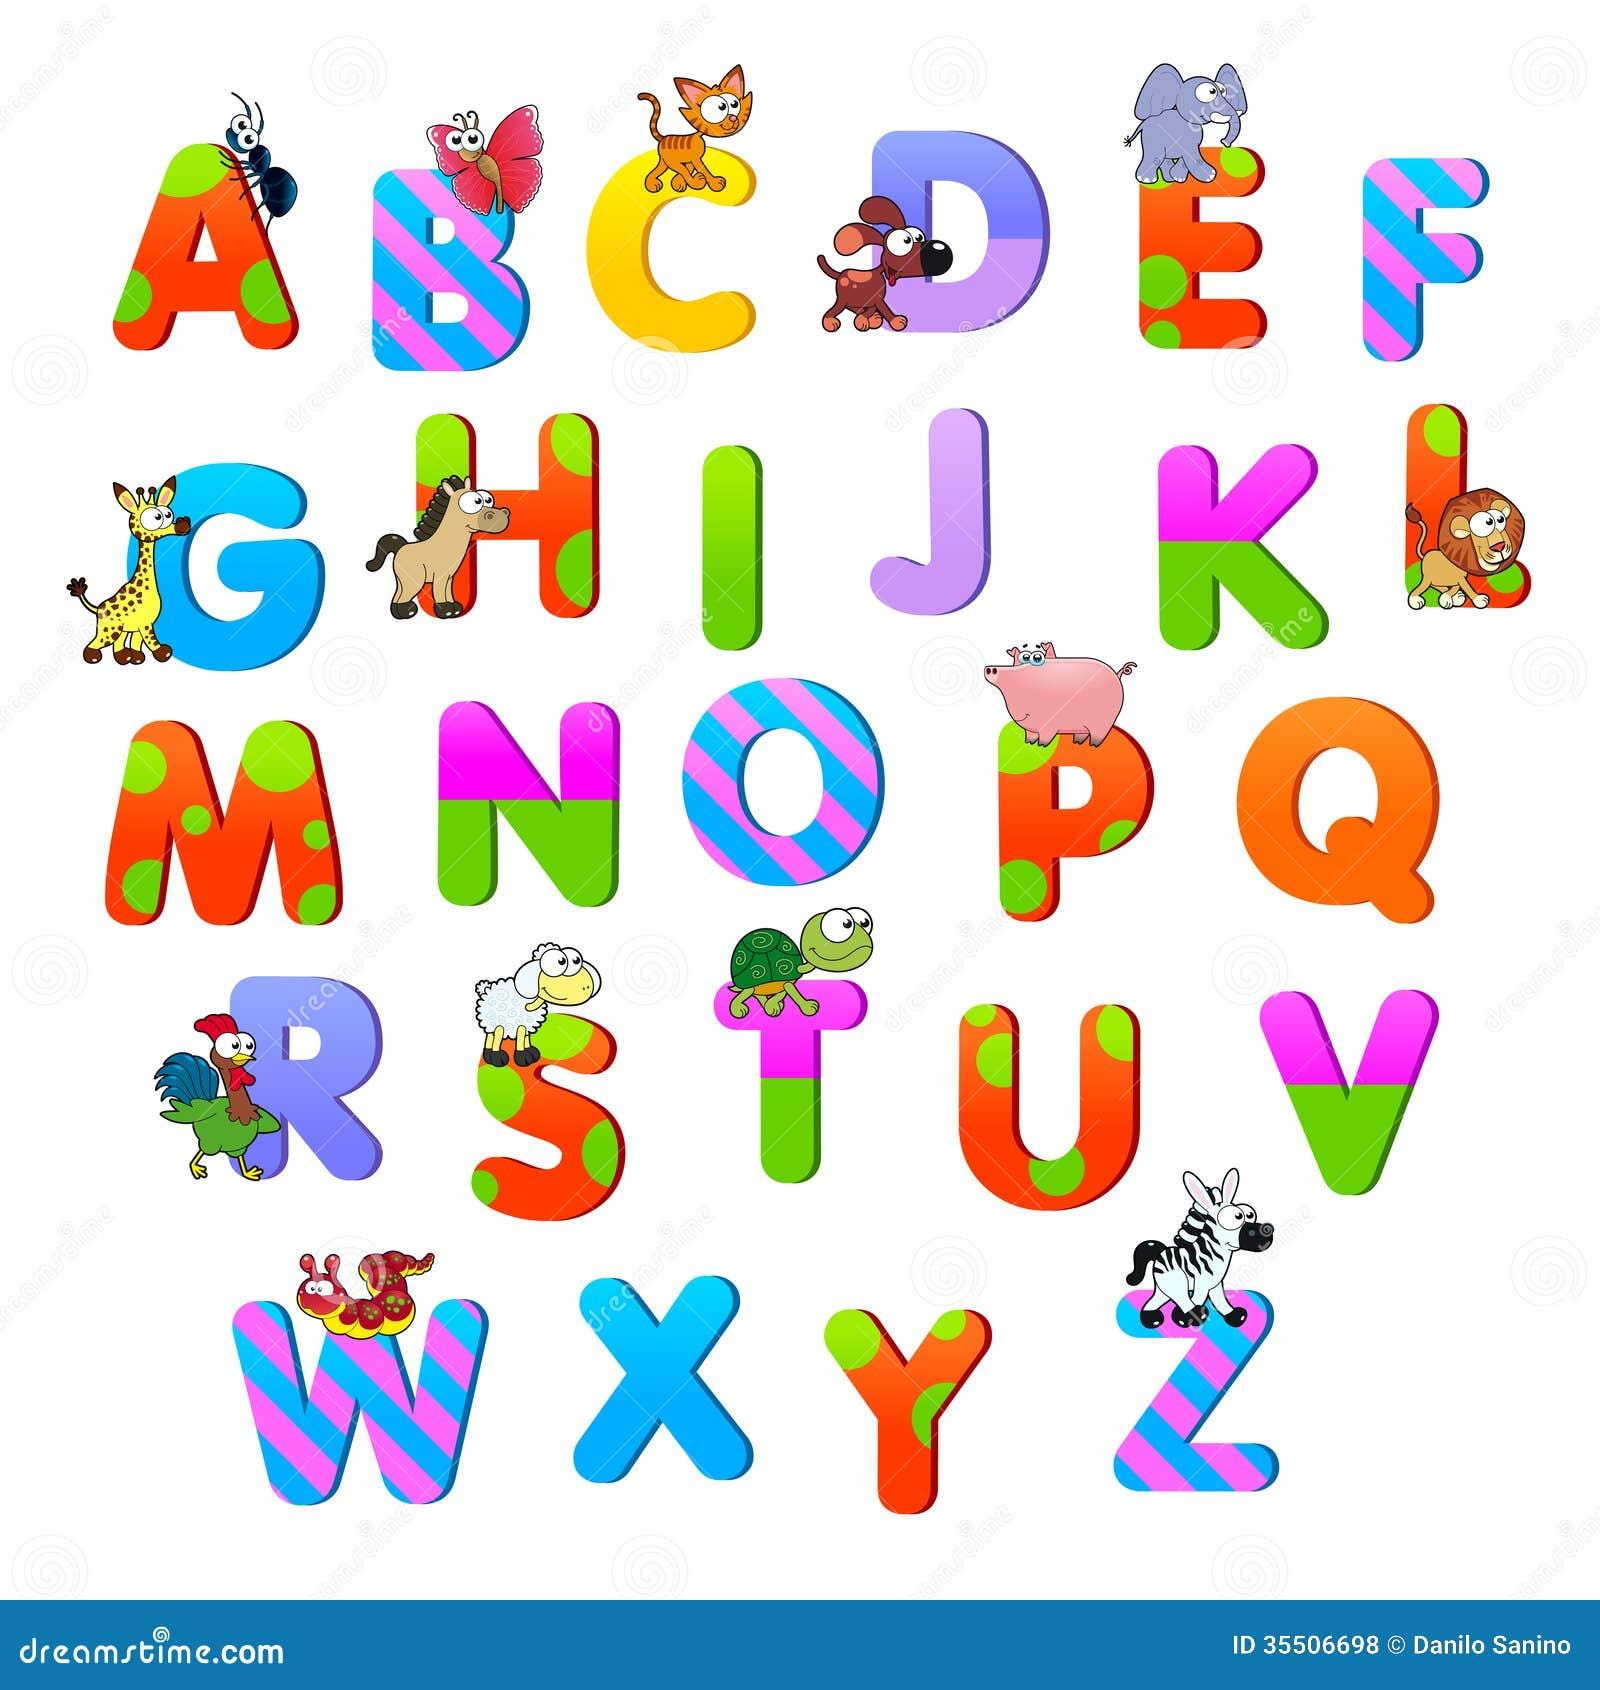 Animal Names Letter P